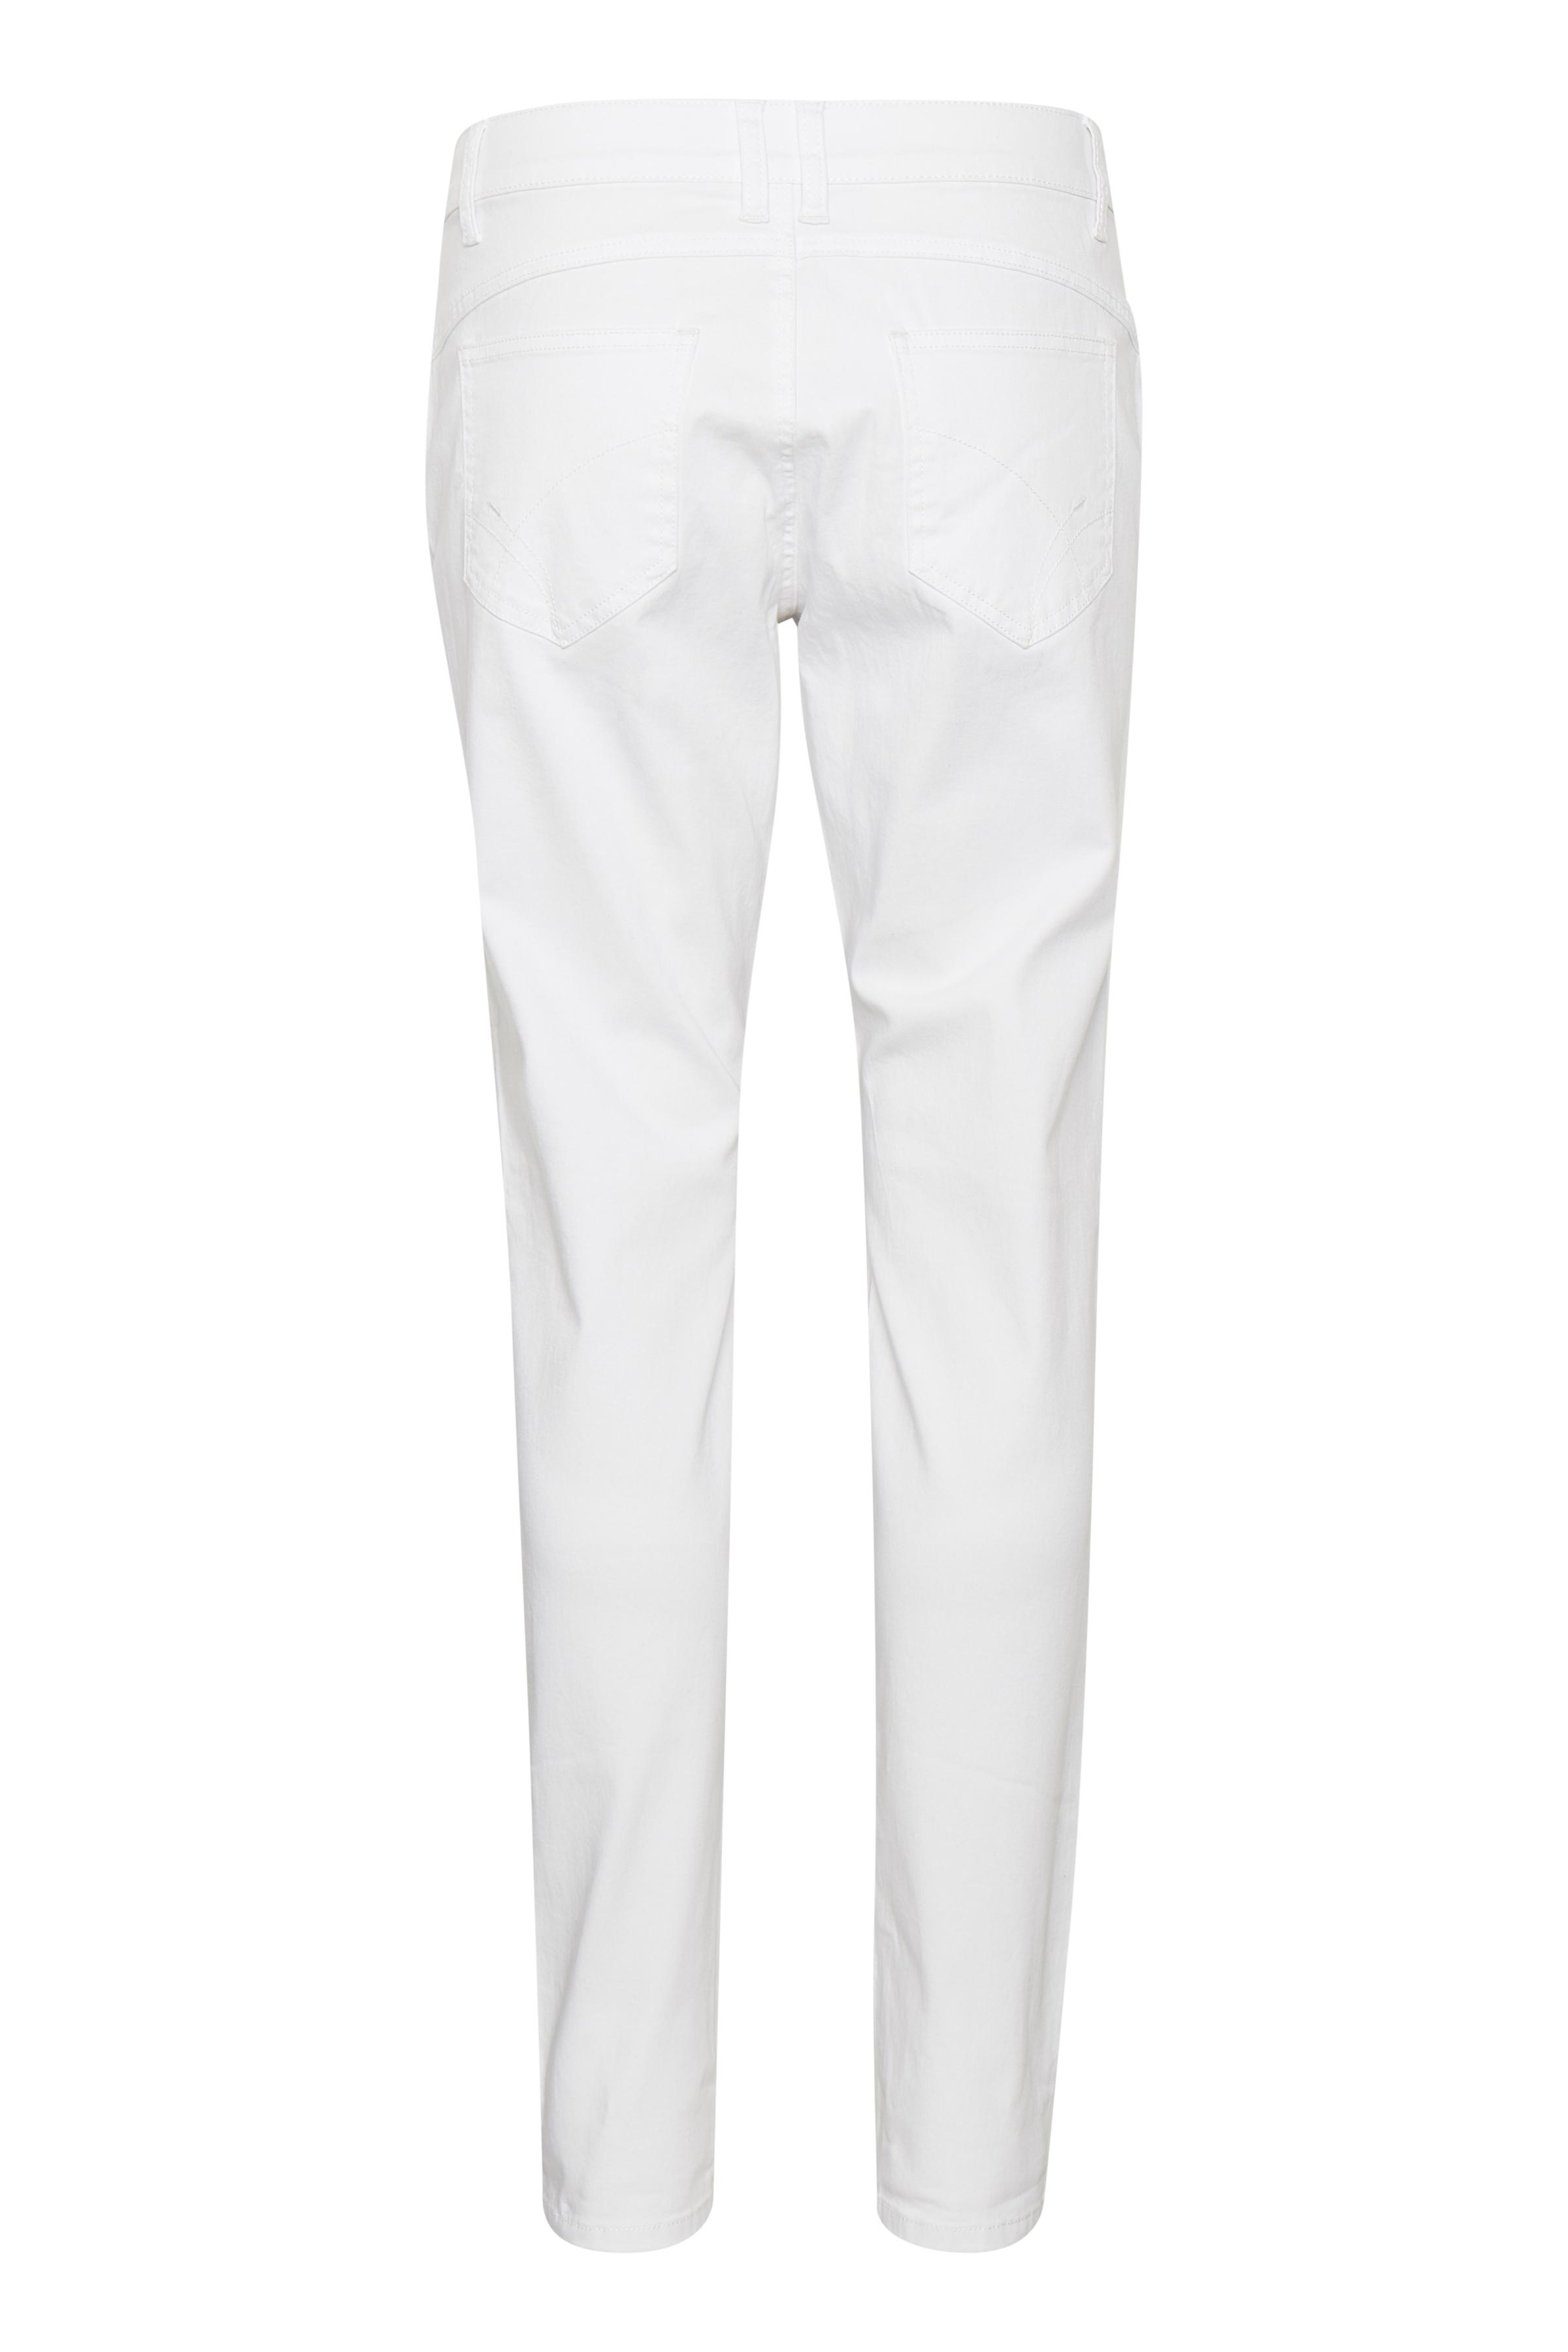 Hvid Ankel-denimbuks fra Bon'A Parte – Køb Hvid Ankel-denimbuks fra str. 36-48 her